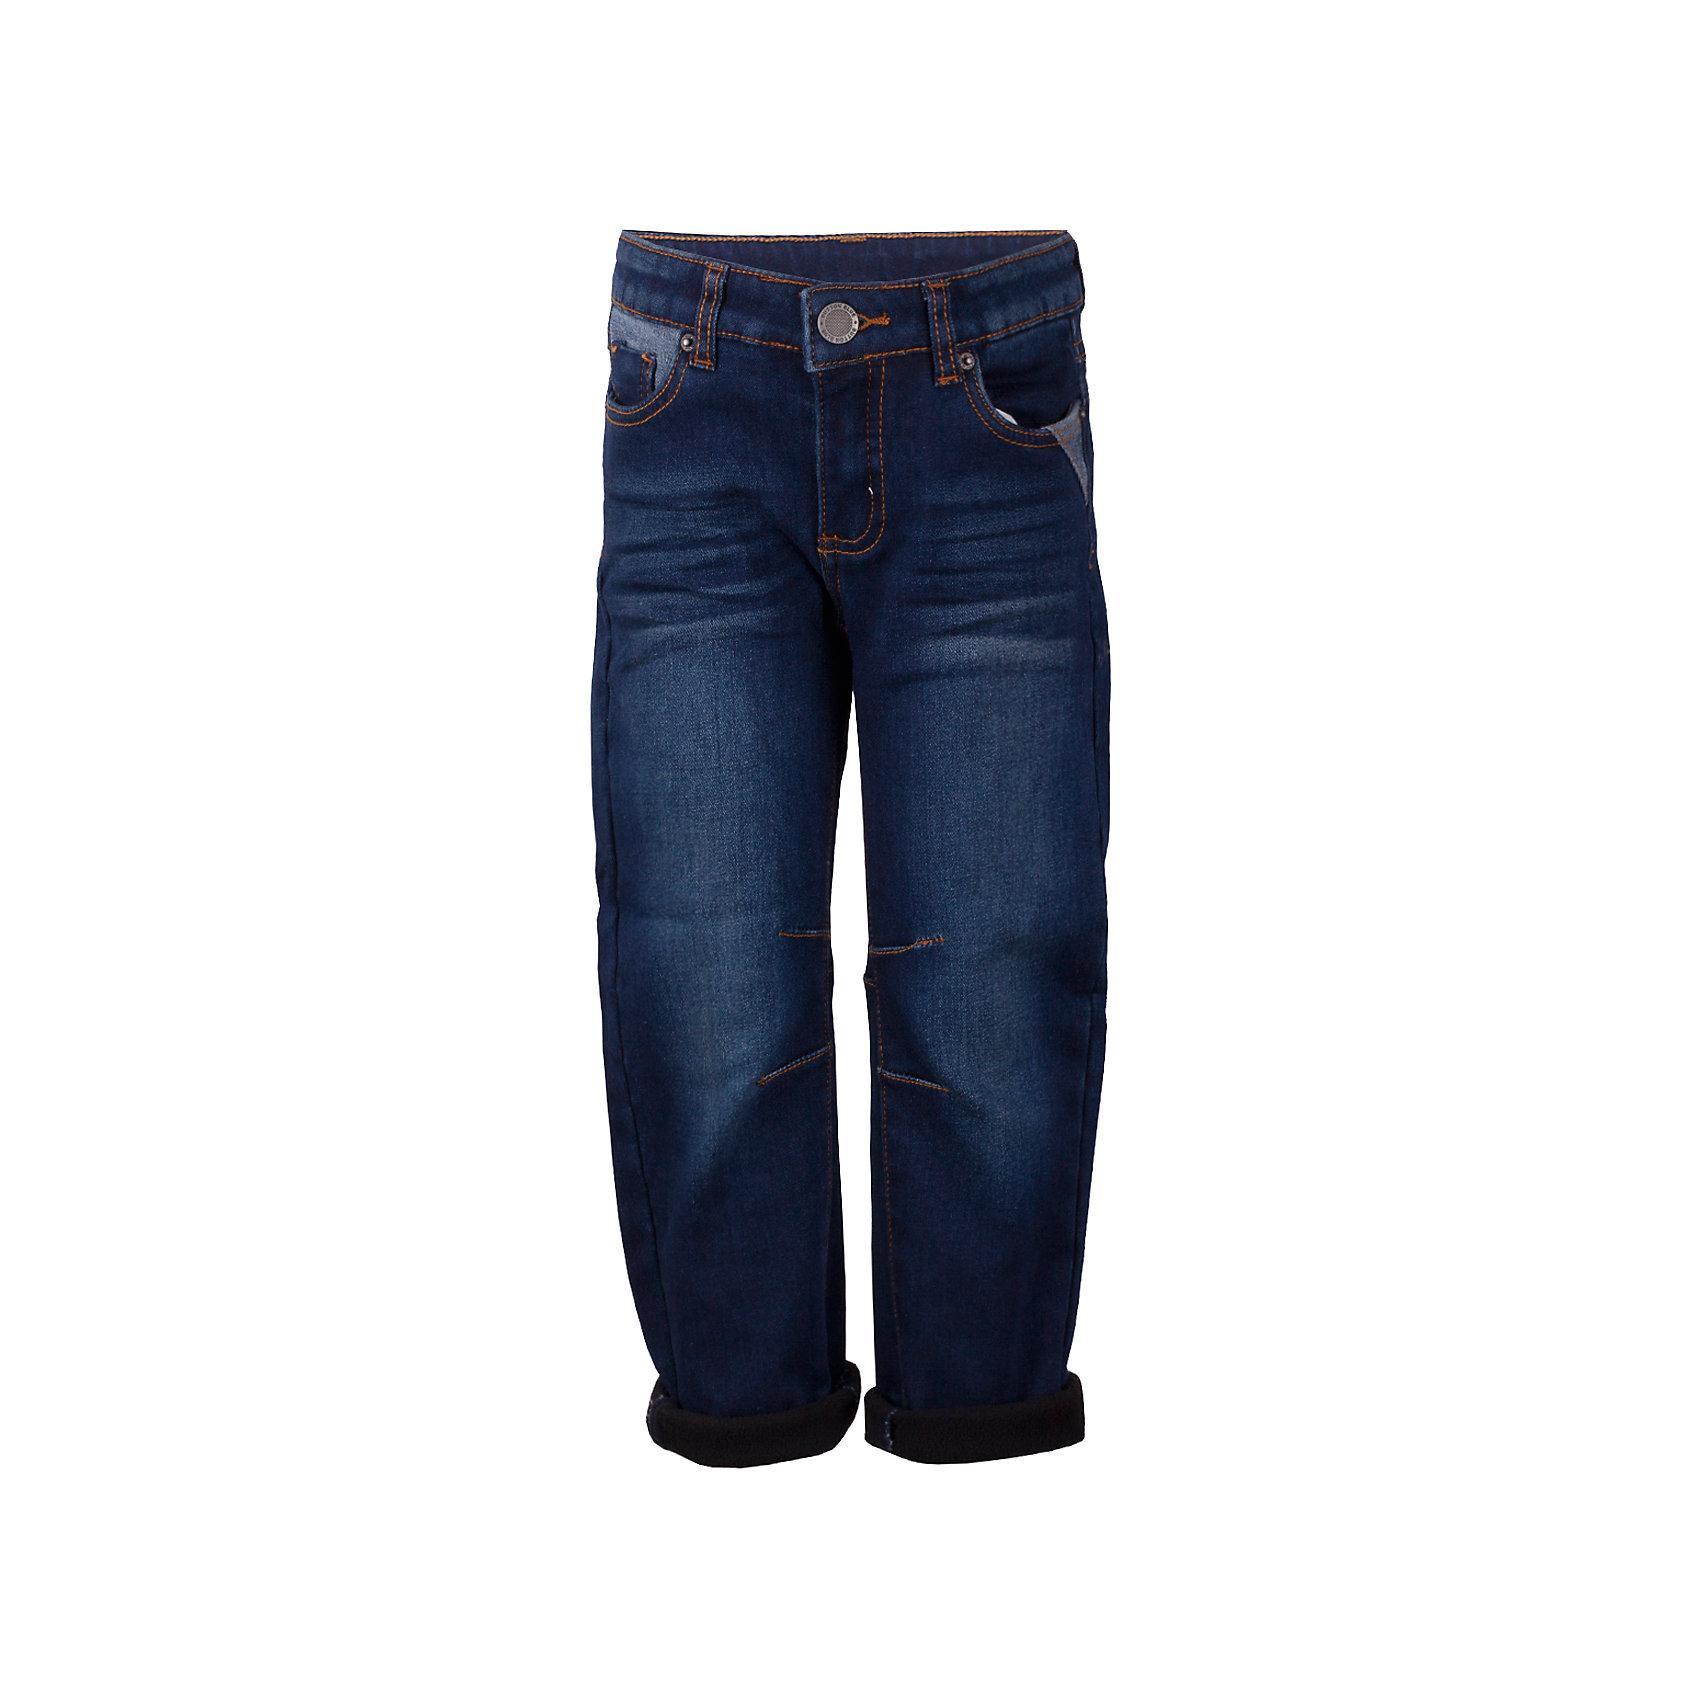 Джинсы BUTTON BLUE для мальчикаДжинсы<br>Джинсы BUTTON BLUE для мальчика<br>Синие джинсы прямого силуэта на подкладке из флиса  — основа практичного и функционального  повседневного гардероба ребенка! Хорошая форма, удобная посадка на фигуре подарят мальчику тепло, комфорт и свободу движений. Если вы хотите купить недорогие утепленные детские джинсы отличного качества, модель от Button Blue - прекрасный вариант!<br>Состав:<br>54% хлопок,                          44,5%полиэстер,                         1,5% эластан<br><br>Ширина мм: 215<br>Глубина мм: 88<br>Высота мм: 191<br>Вес г: 336<br>Цвет: темно-синий<br>Возраст от месяцев: 144<br>Возраст до месяцев: 156<br>Пол: Мужской<br>Возраст: Детский<br>Размер: 158,98,104,110,116,122,128,134,140,146,152<br>SKU: 7038833